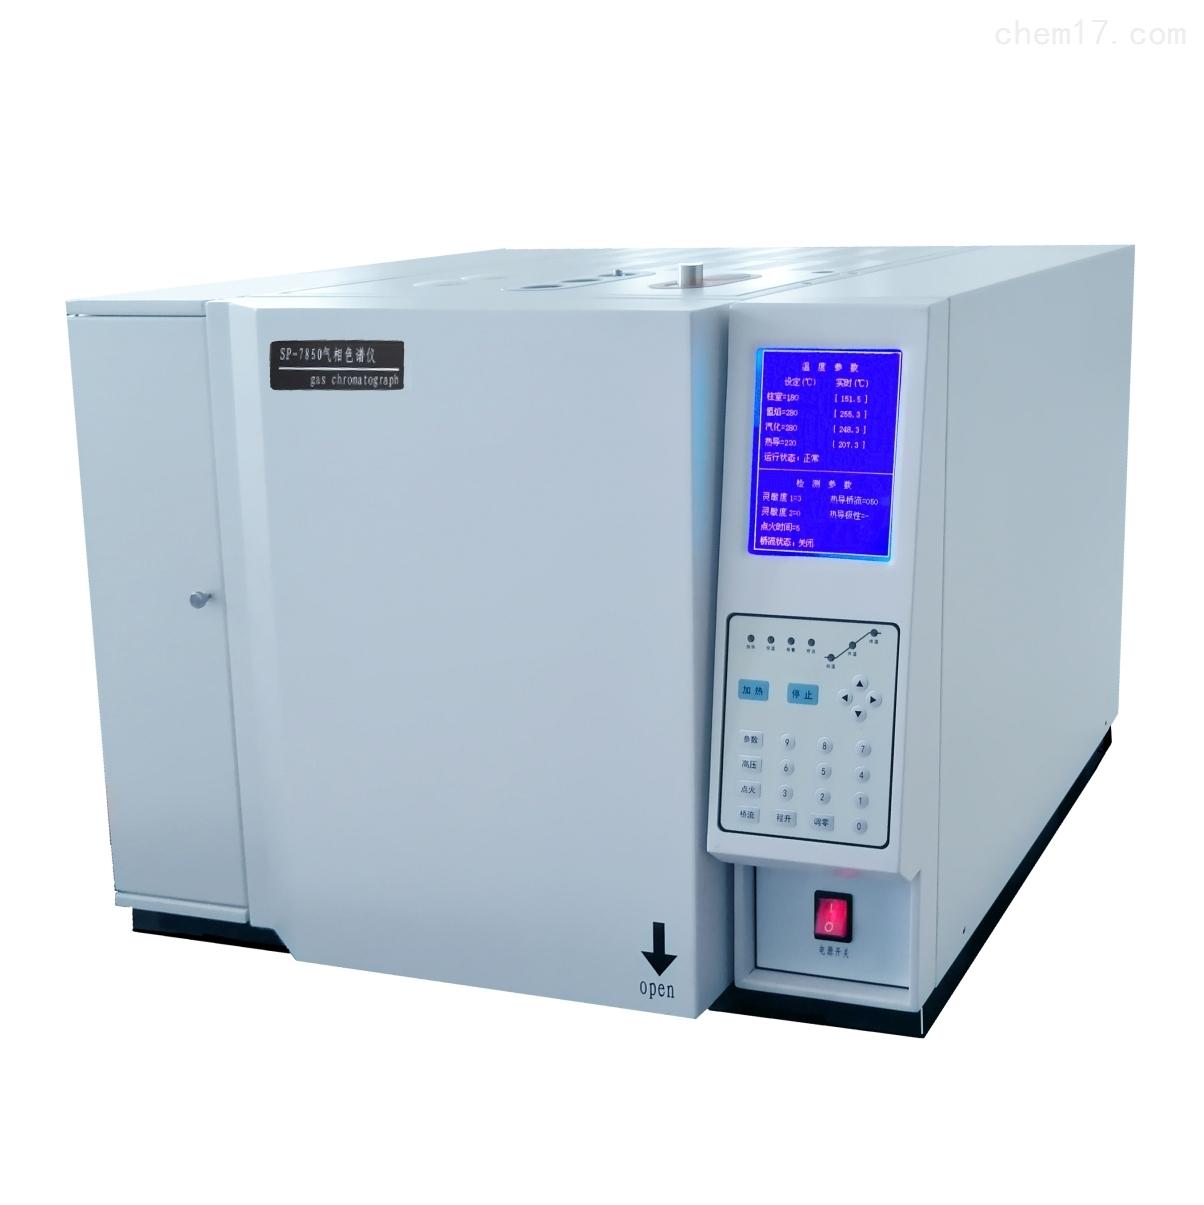 氣相色譜儀(實用型 /自動點火)